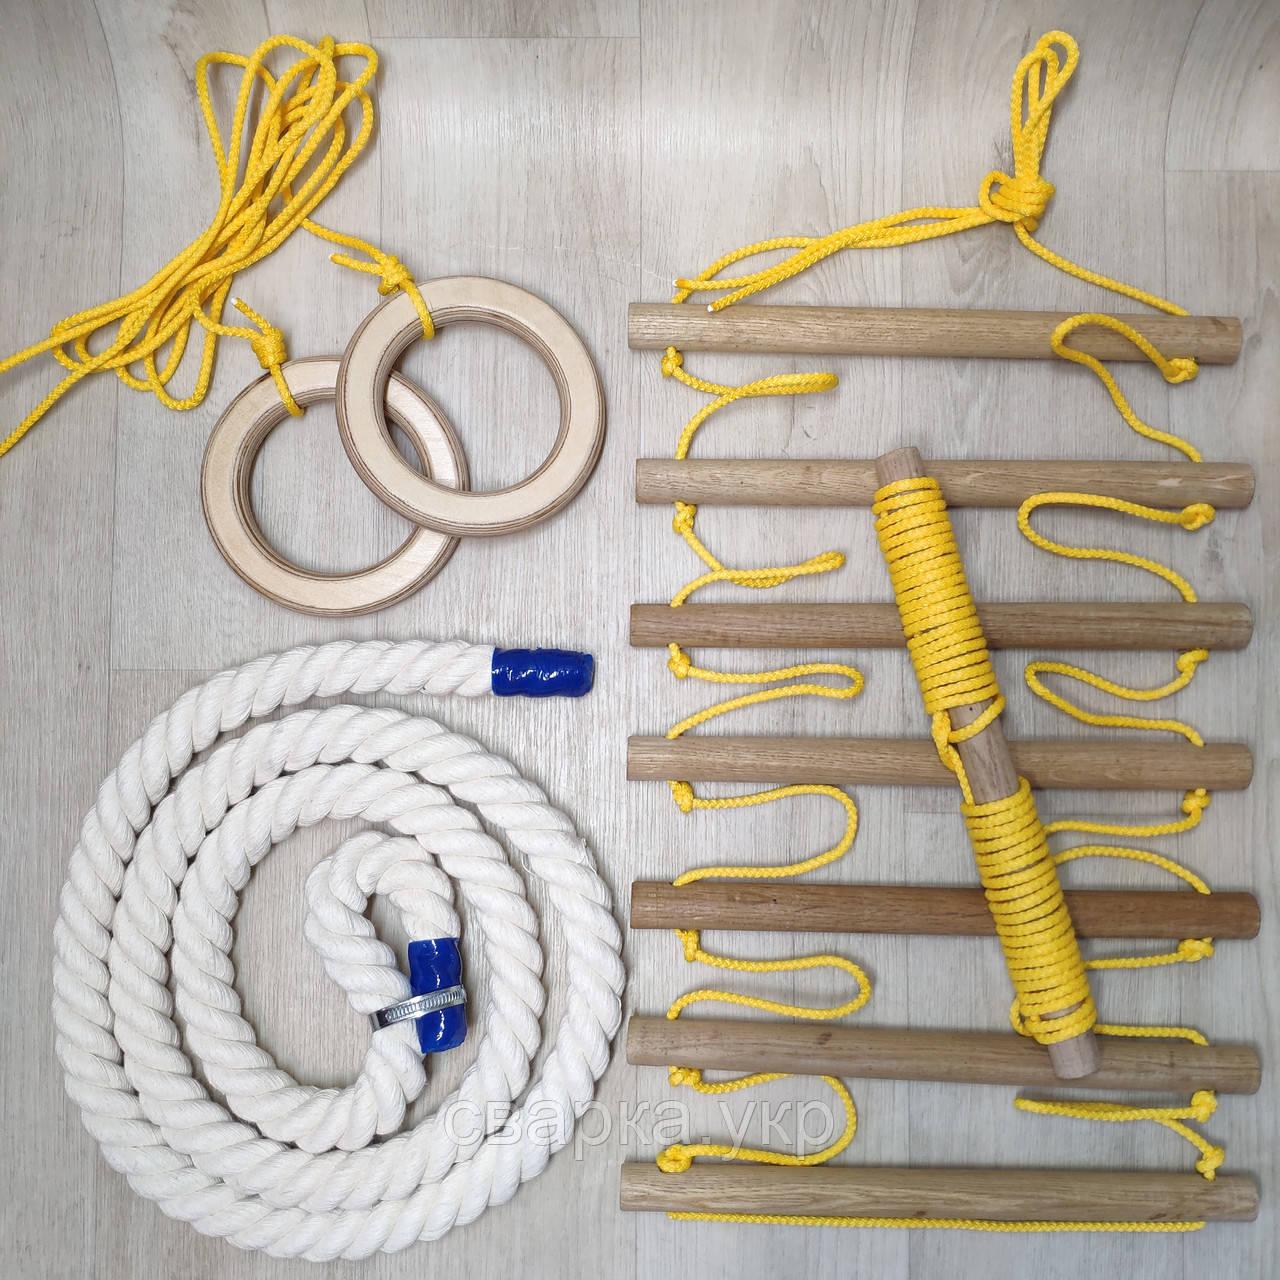 Набір дитячий жовтий для шведської стінки Канат (хб ) Кільця, Сходи, Трапеція